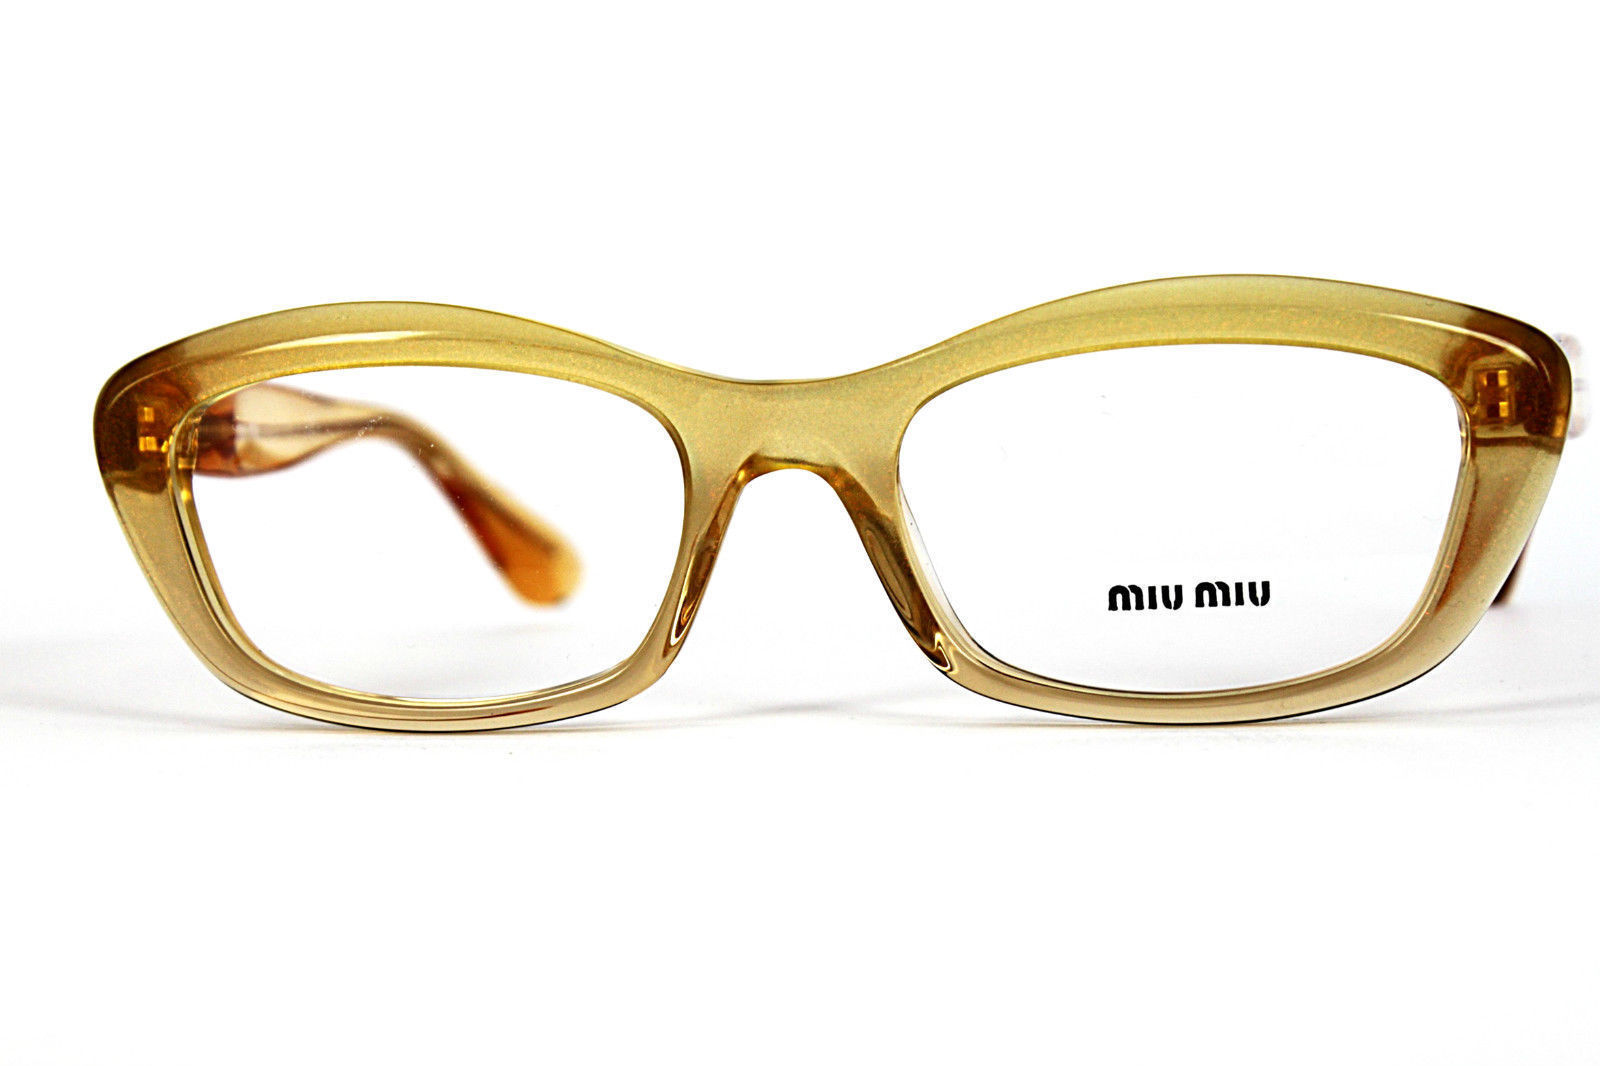 ca1ed82e7ce1 Miu Miu VMU 02M PDA-1O1 Frames Eyeglasses 52mm - 15 -  71.04